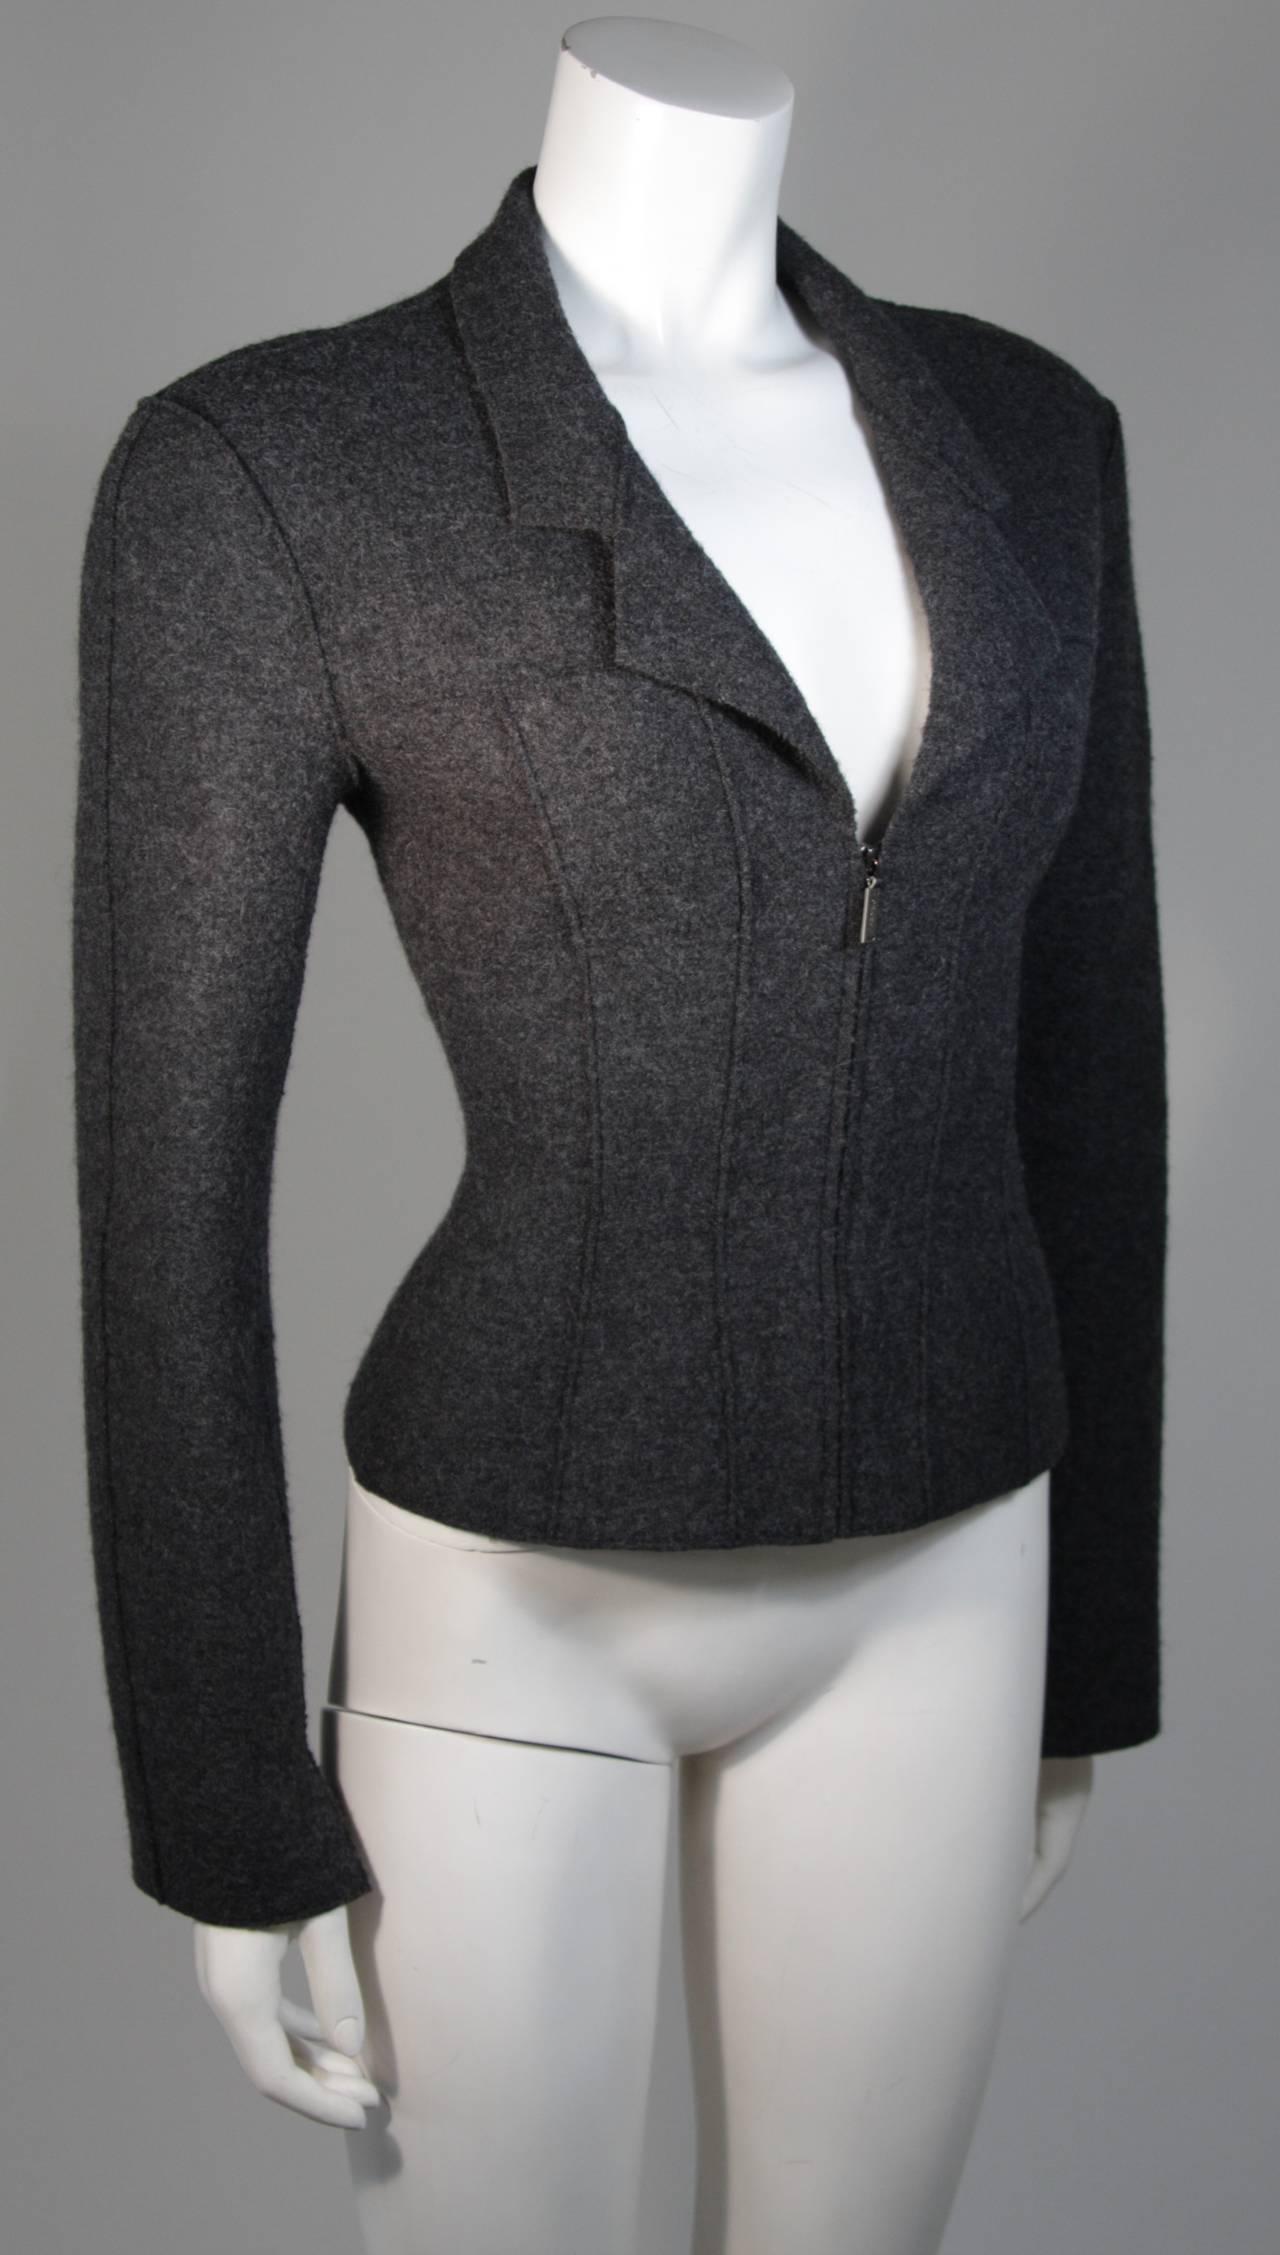 Women's Chanel Grey Boiled Wool Zipper Front Jacket Size 38 For Sale